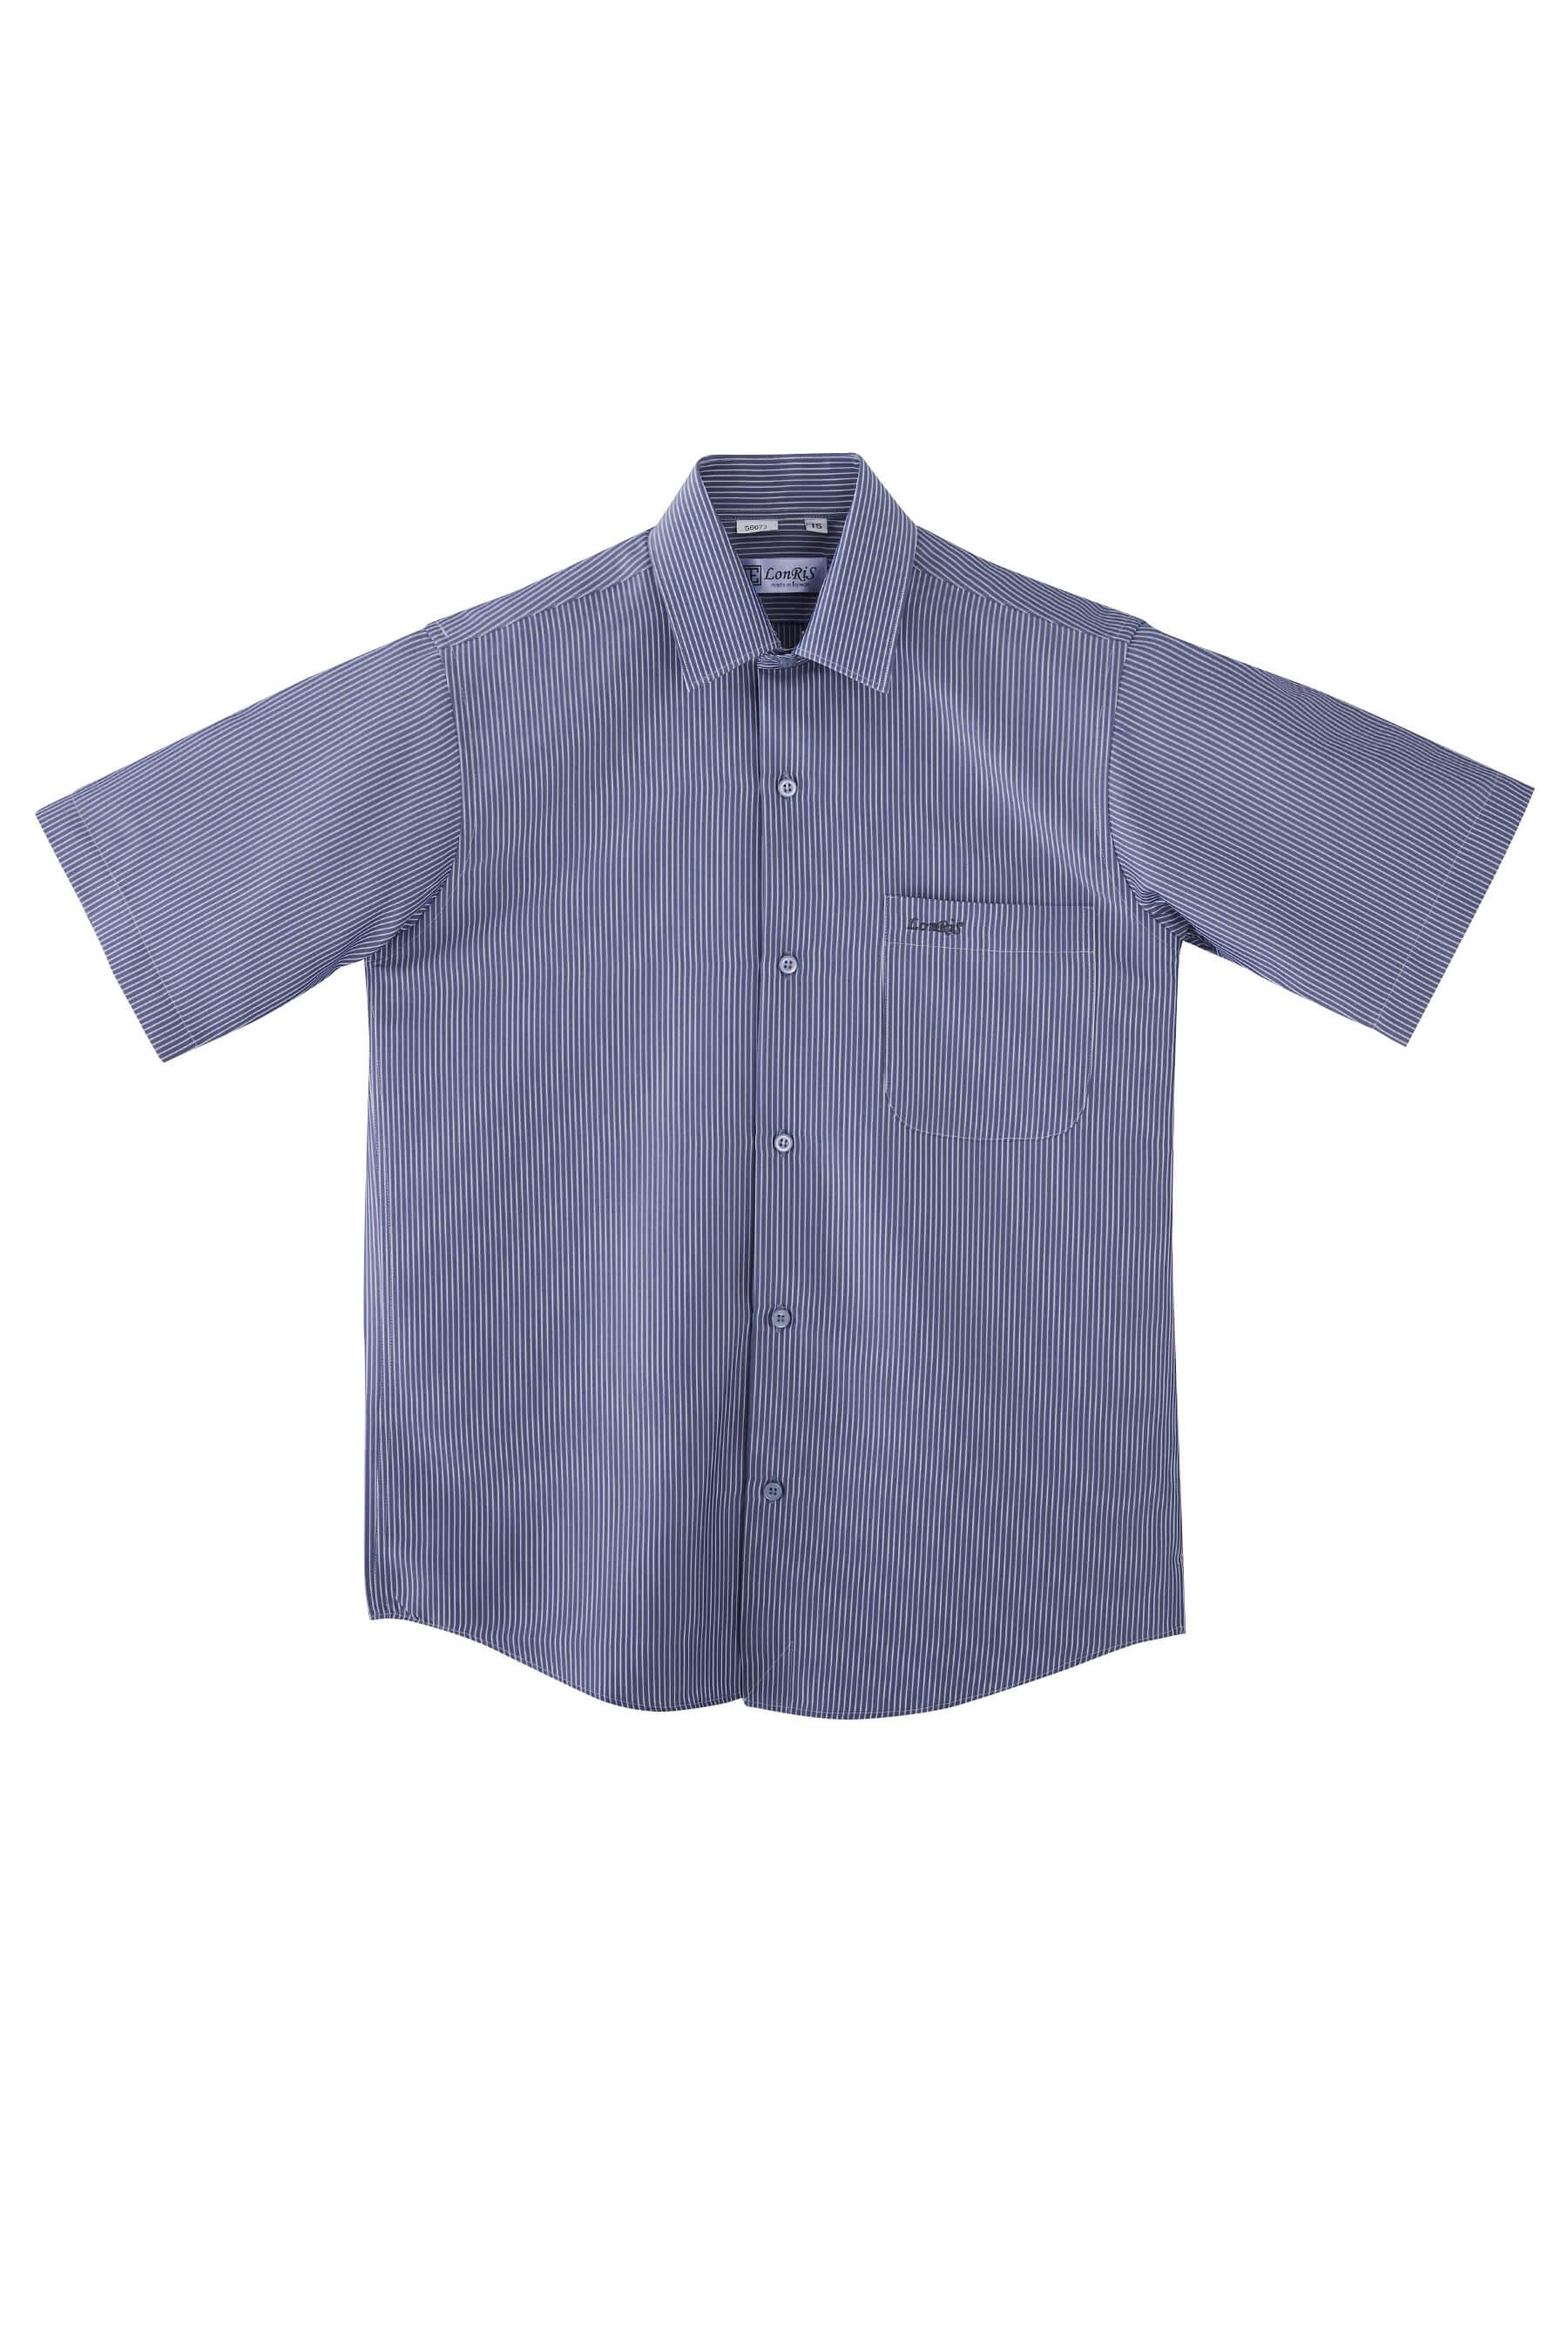 灰藍條紋短袖襯衫/抗皺 吸濕排汗